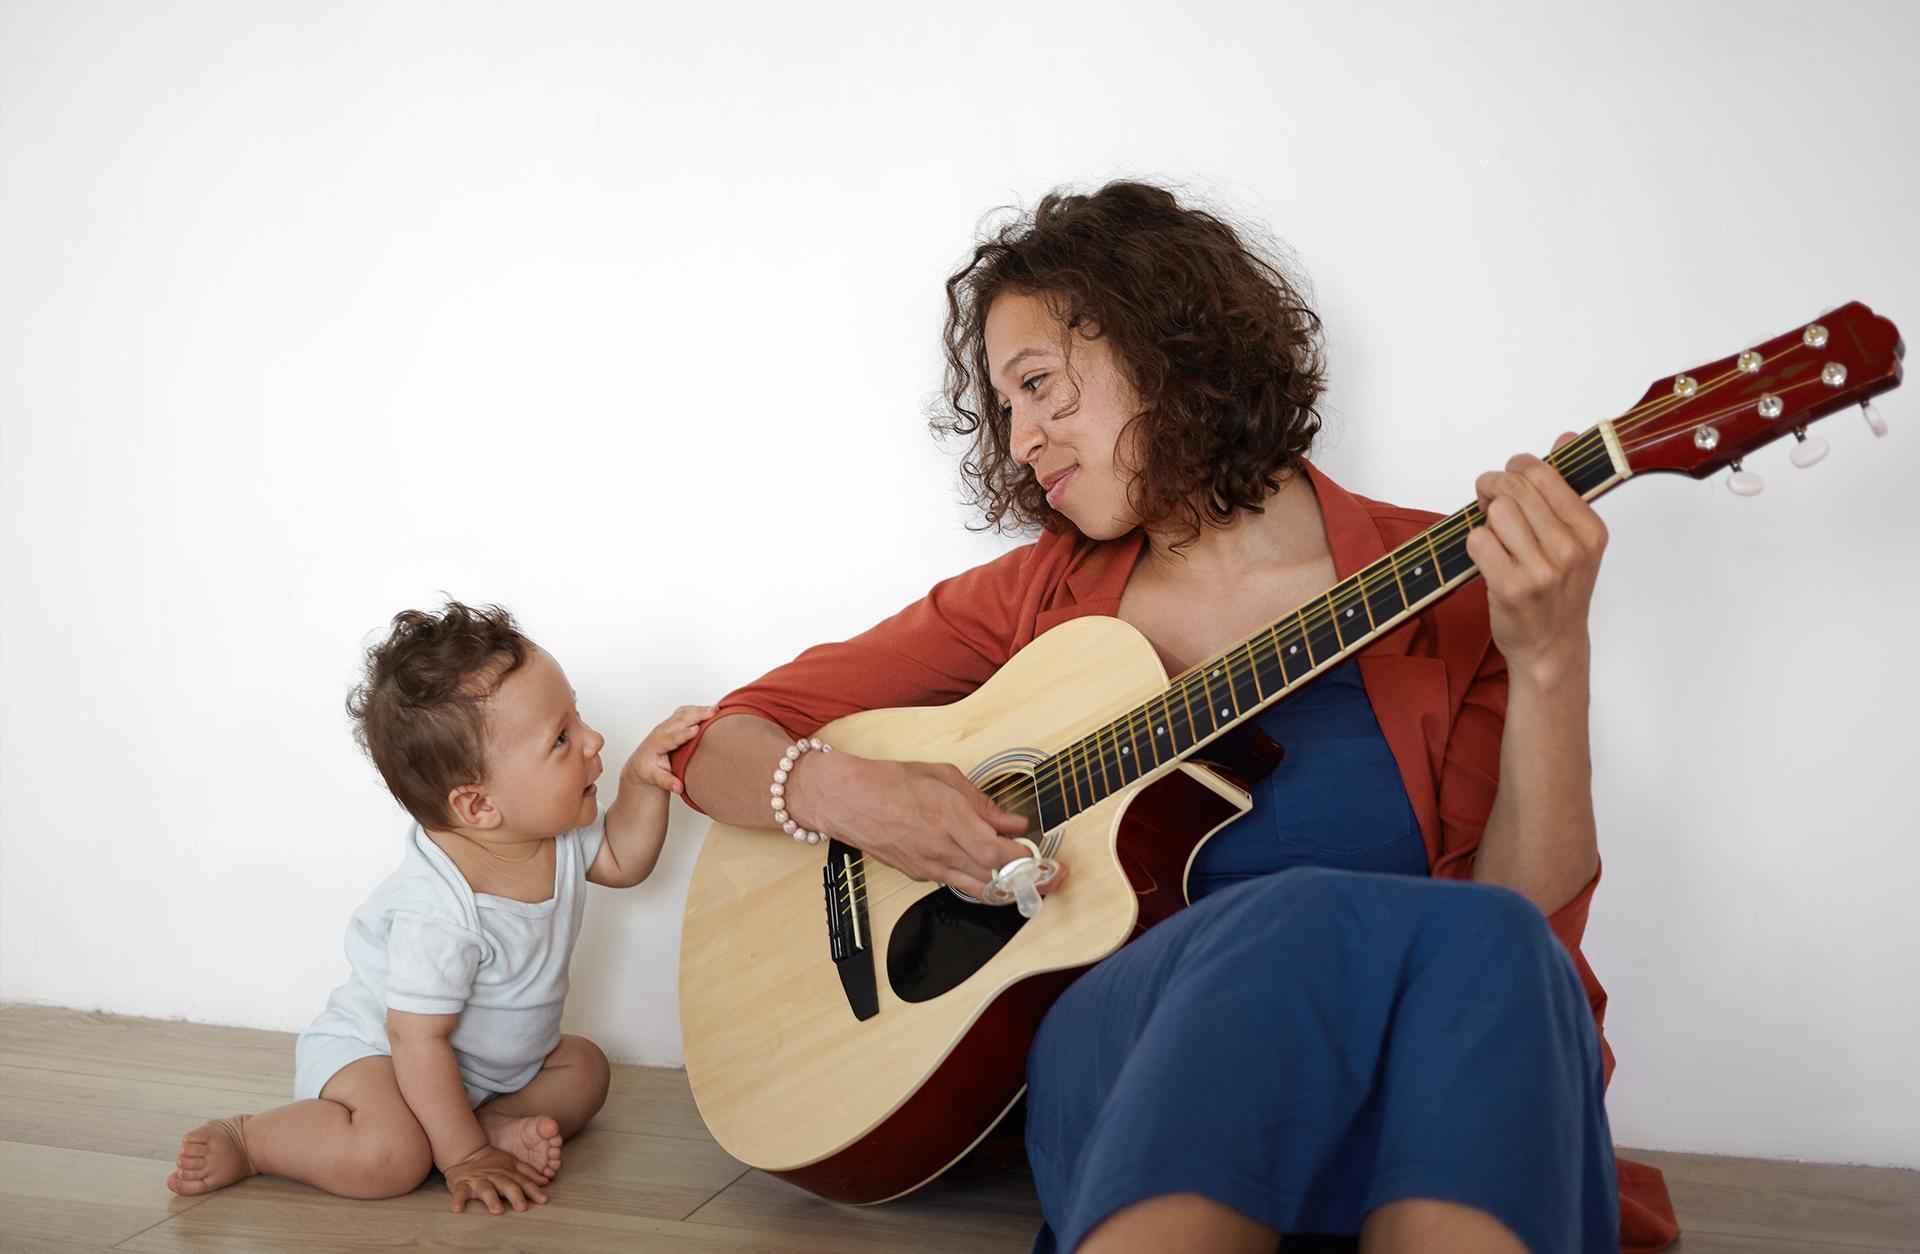 Kvinna spelar gitarr tillsammans med sitt barn